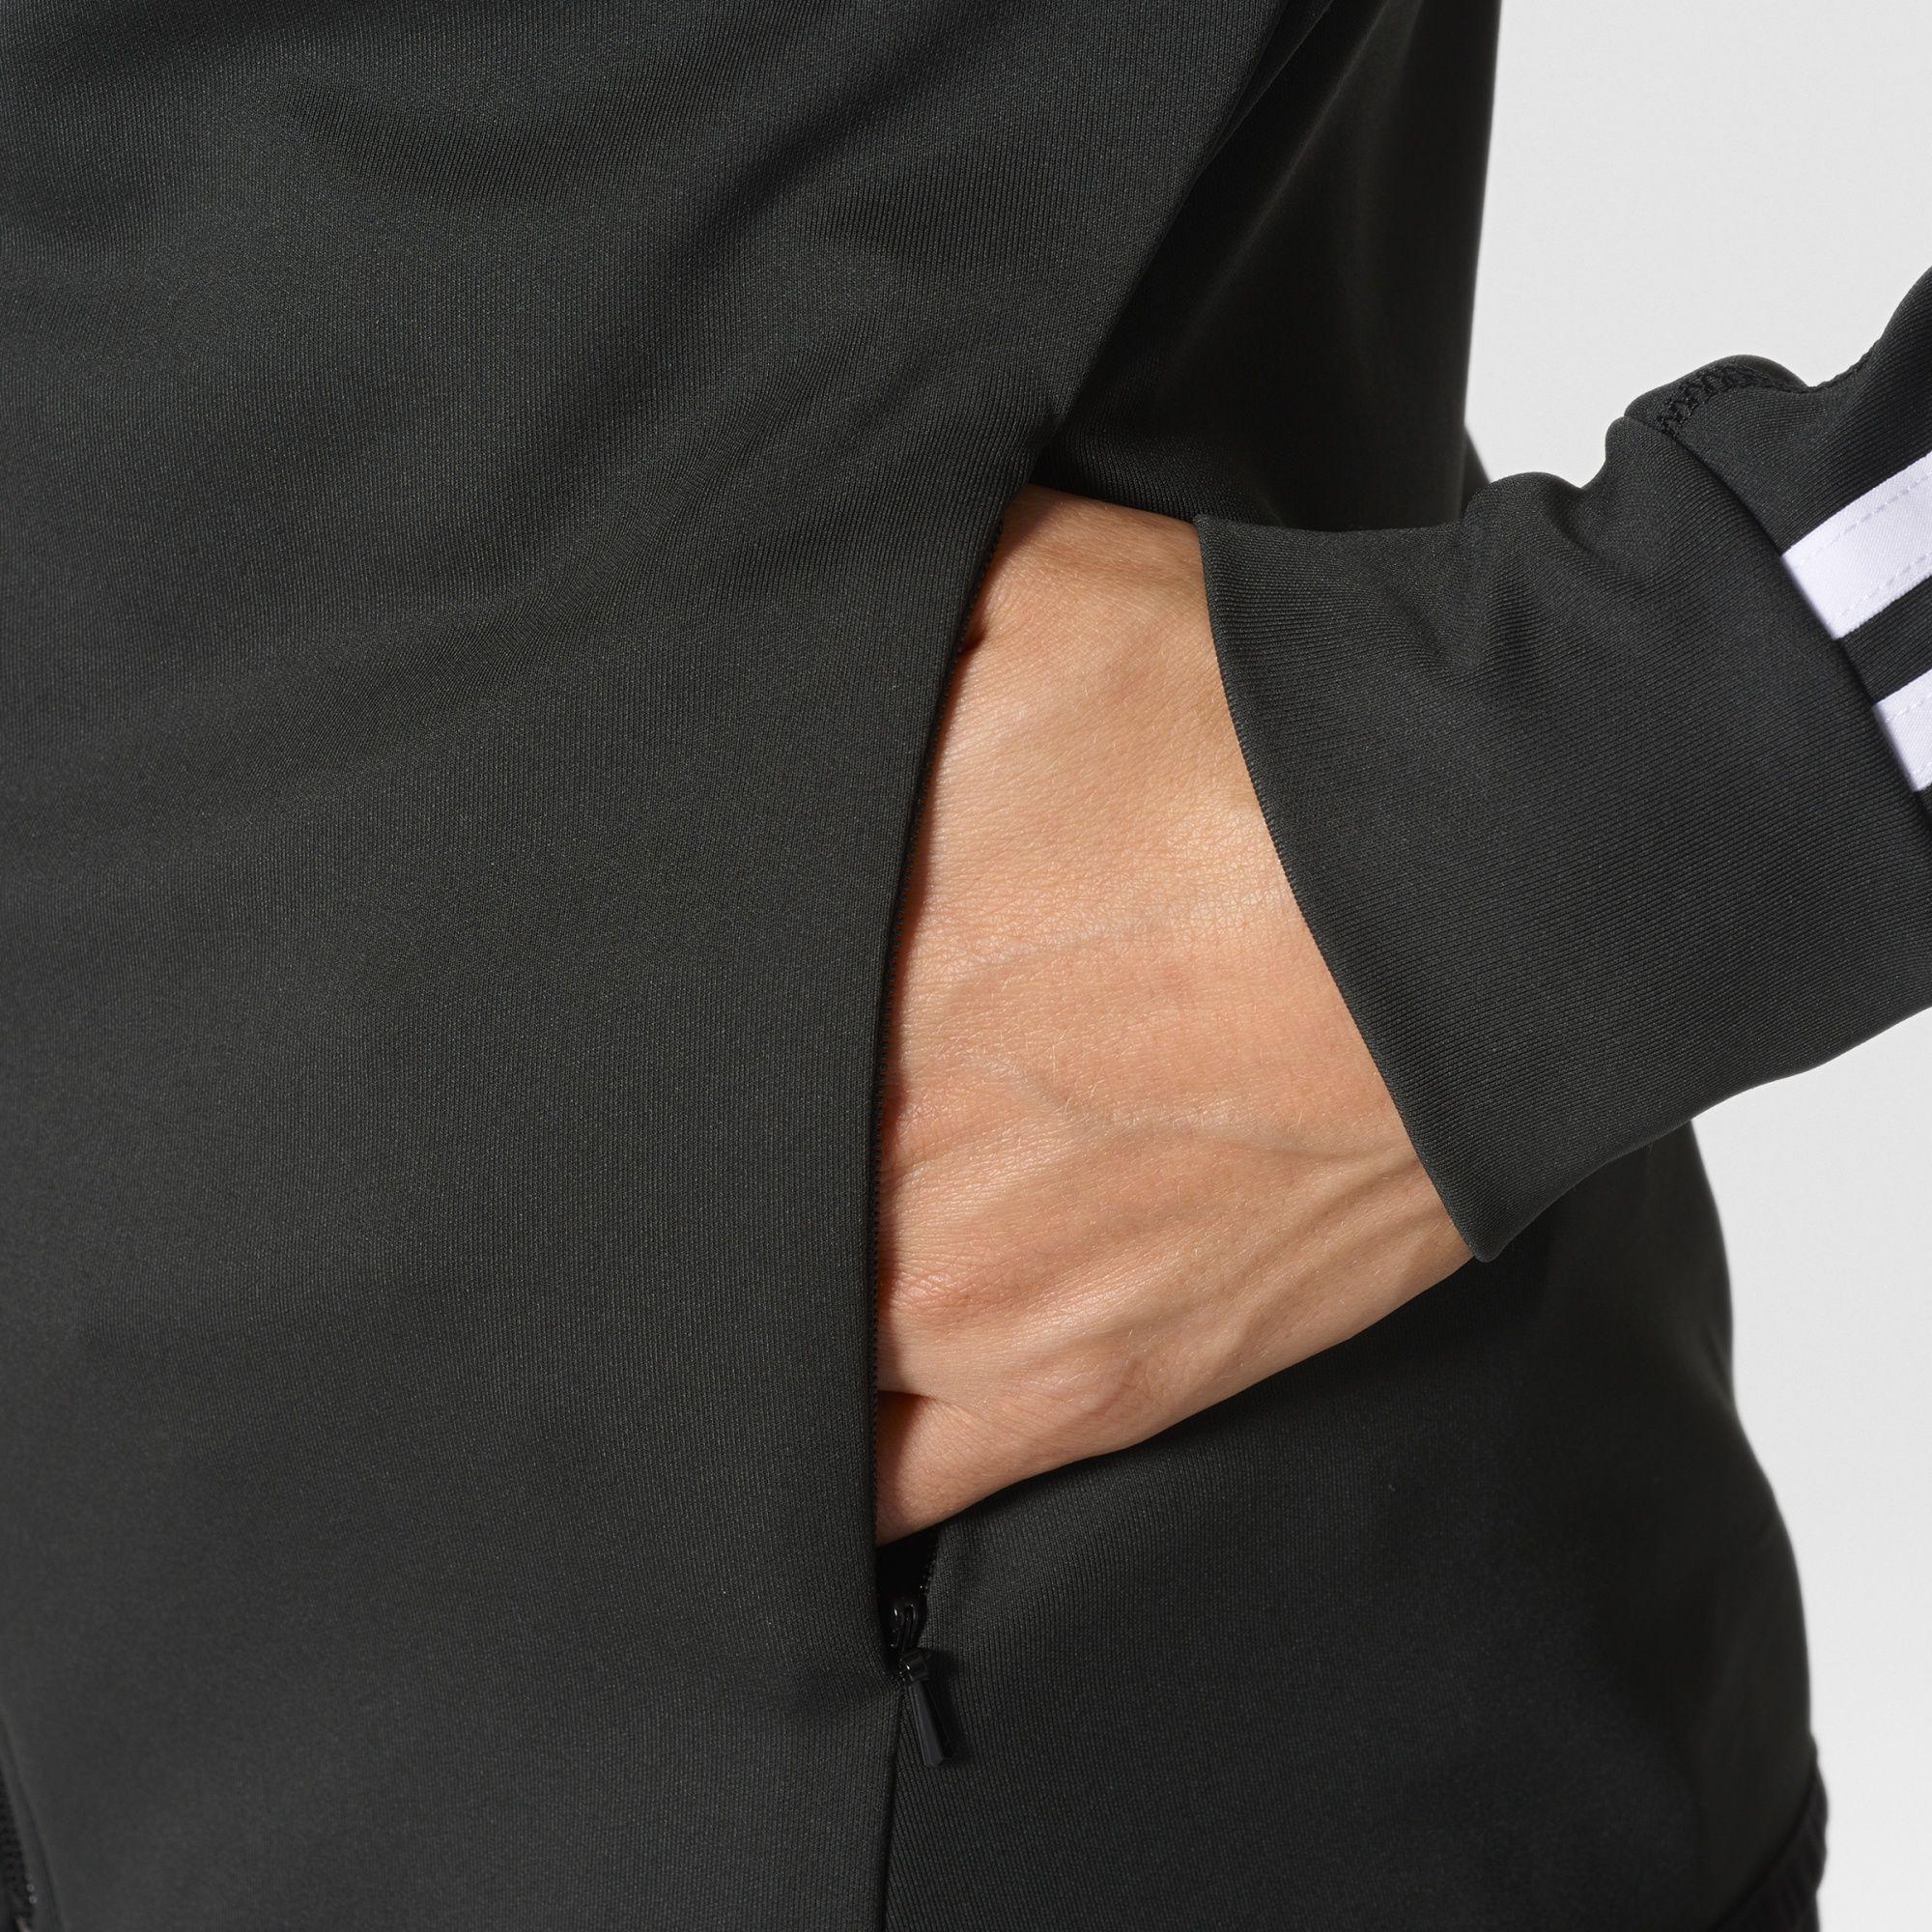 Одежда Для Йоги Женская Купить